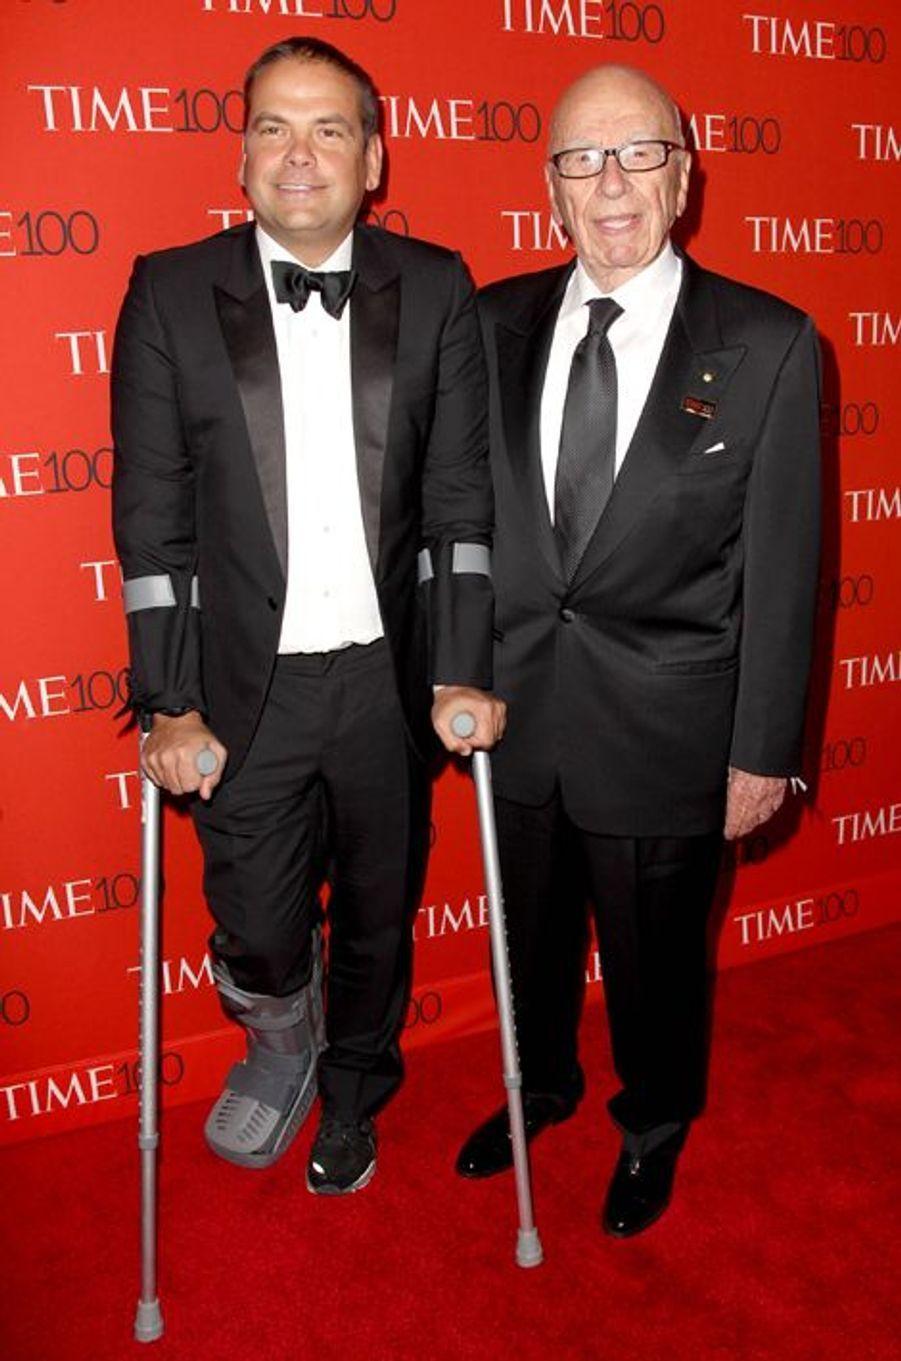 Lachlan et Rupert Murdoch à New York le 21 avril 2015